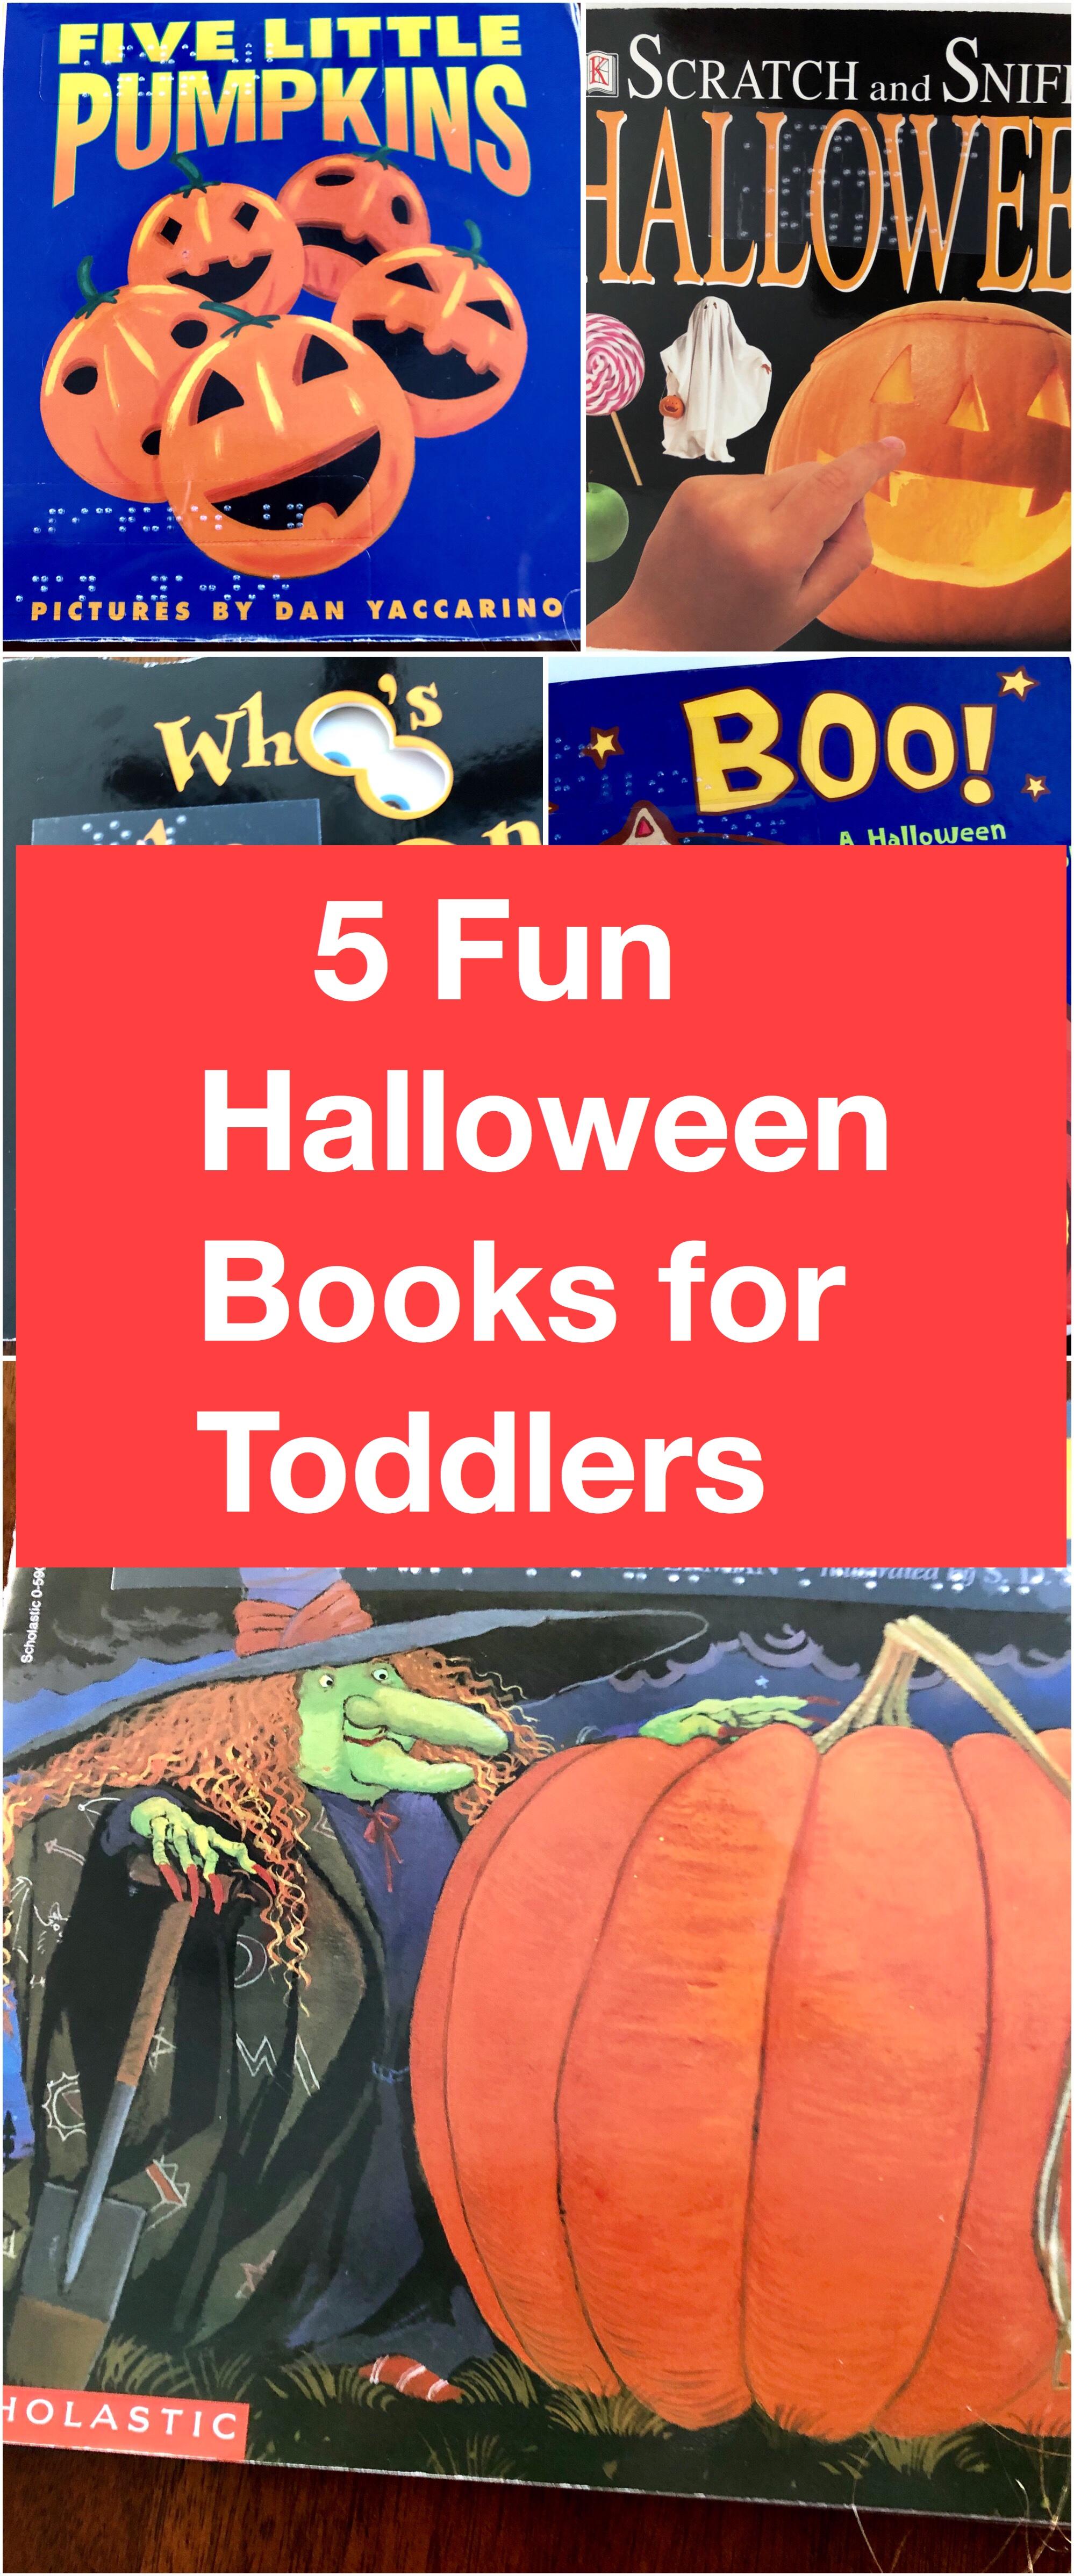 5 fun Halloween books pin